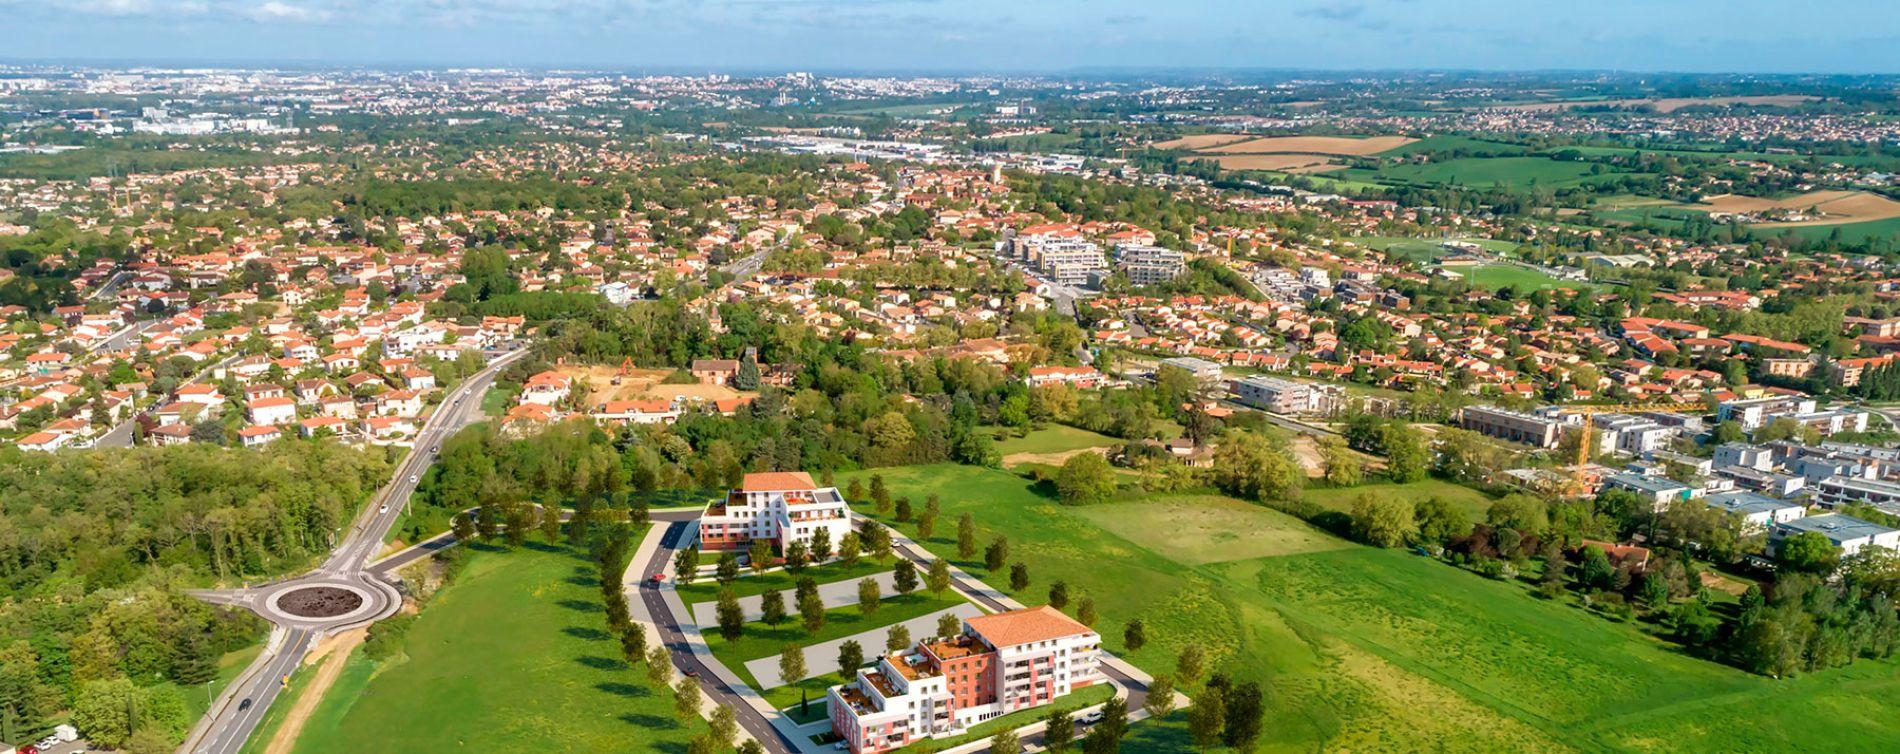 Saint-Orens-de-Gameville : programme immobilier neuve « Programme immobilier n°214768 » en Loi Pinel (5)